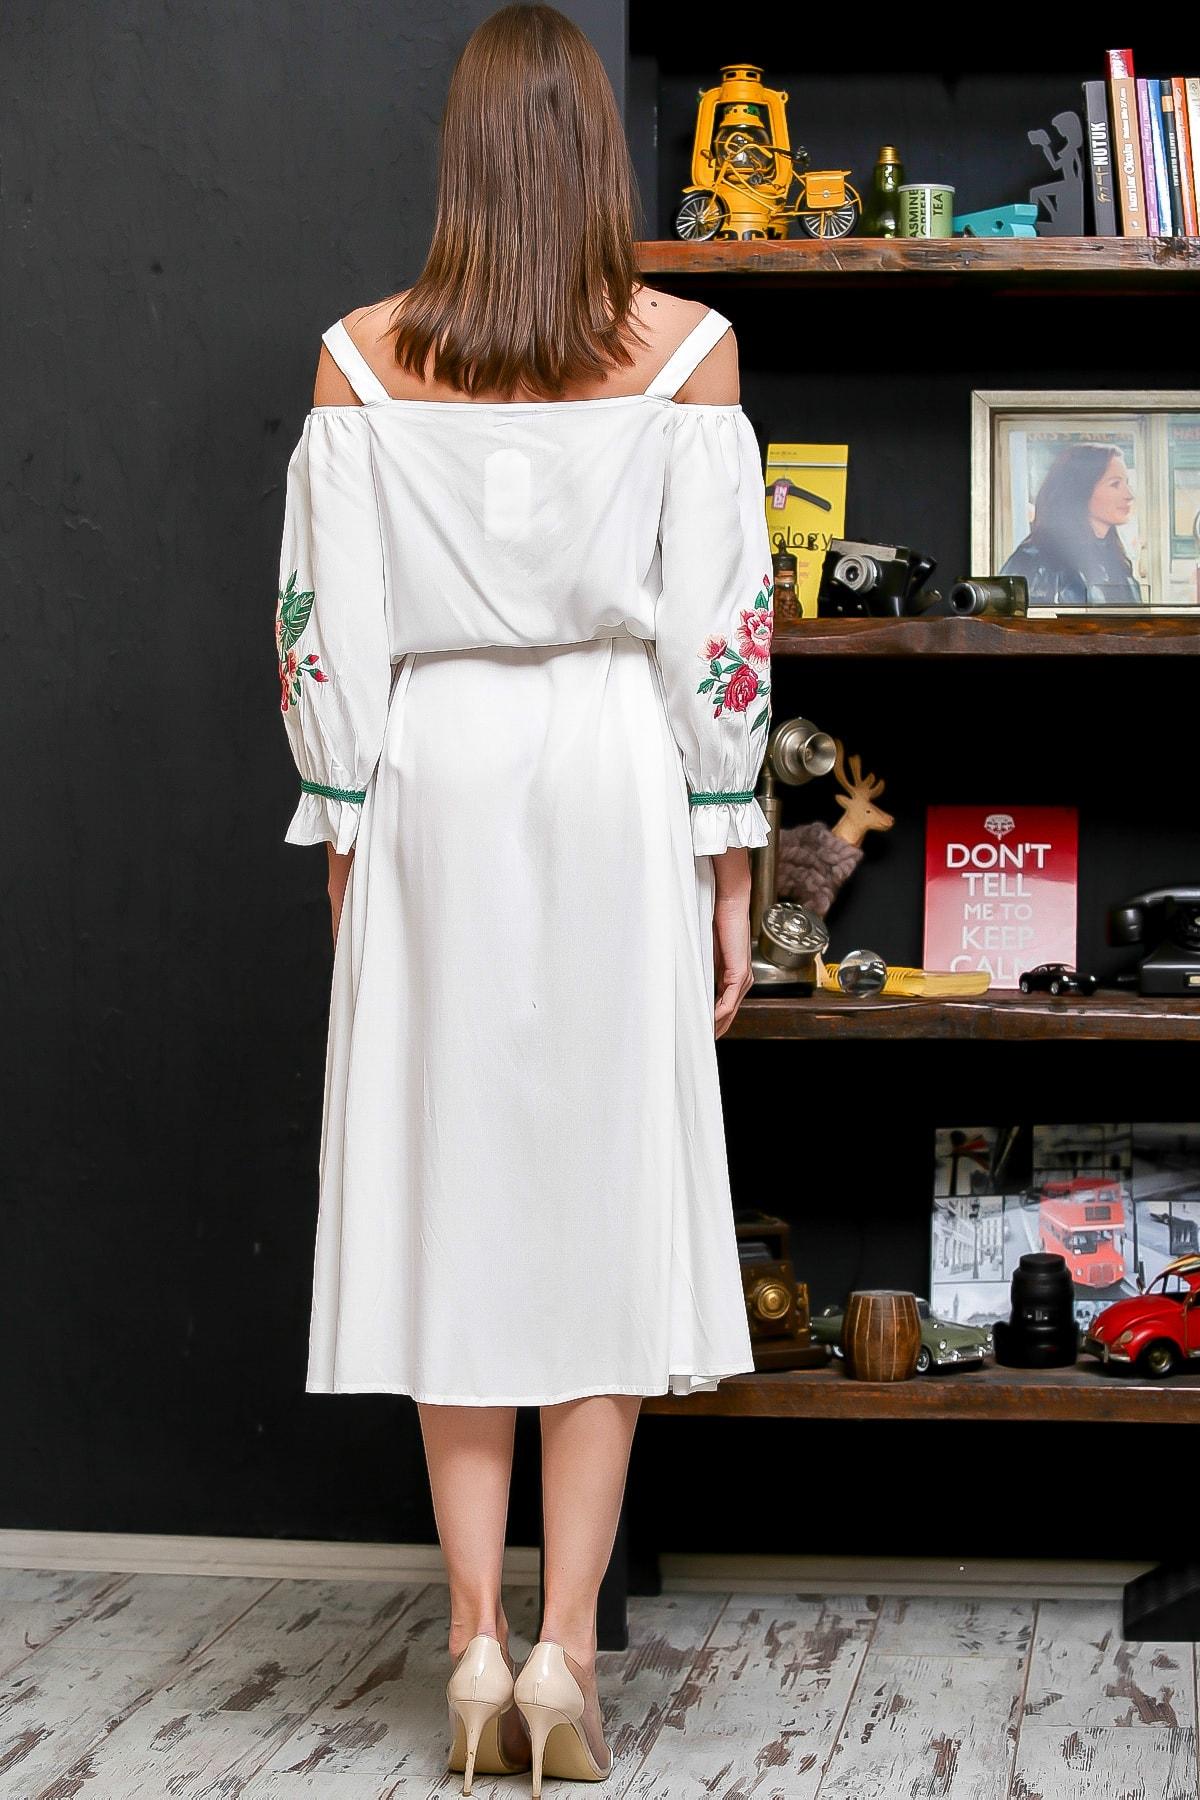 Chiccy Kadın Beyaz Carmen Yaka Gül Nakışlı Şeritli Püsküllü Kuşaklı Askılı Dokuma Elbise M10160000EL95875 4